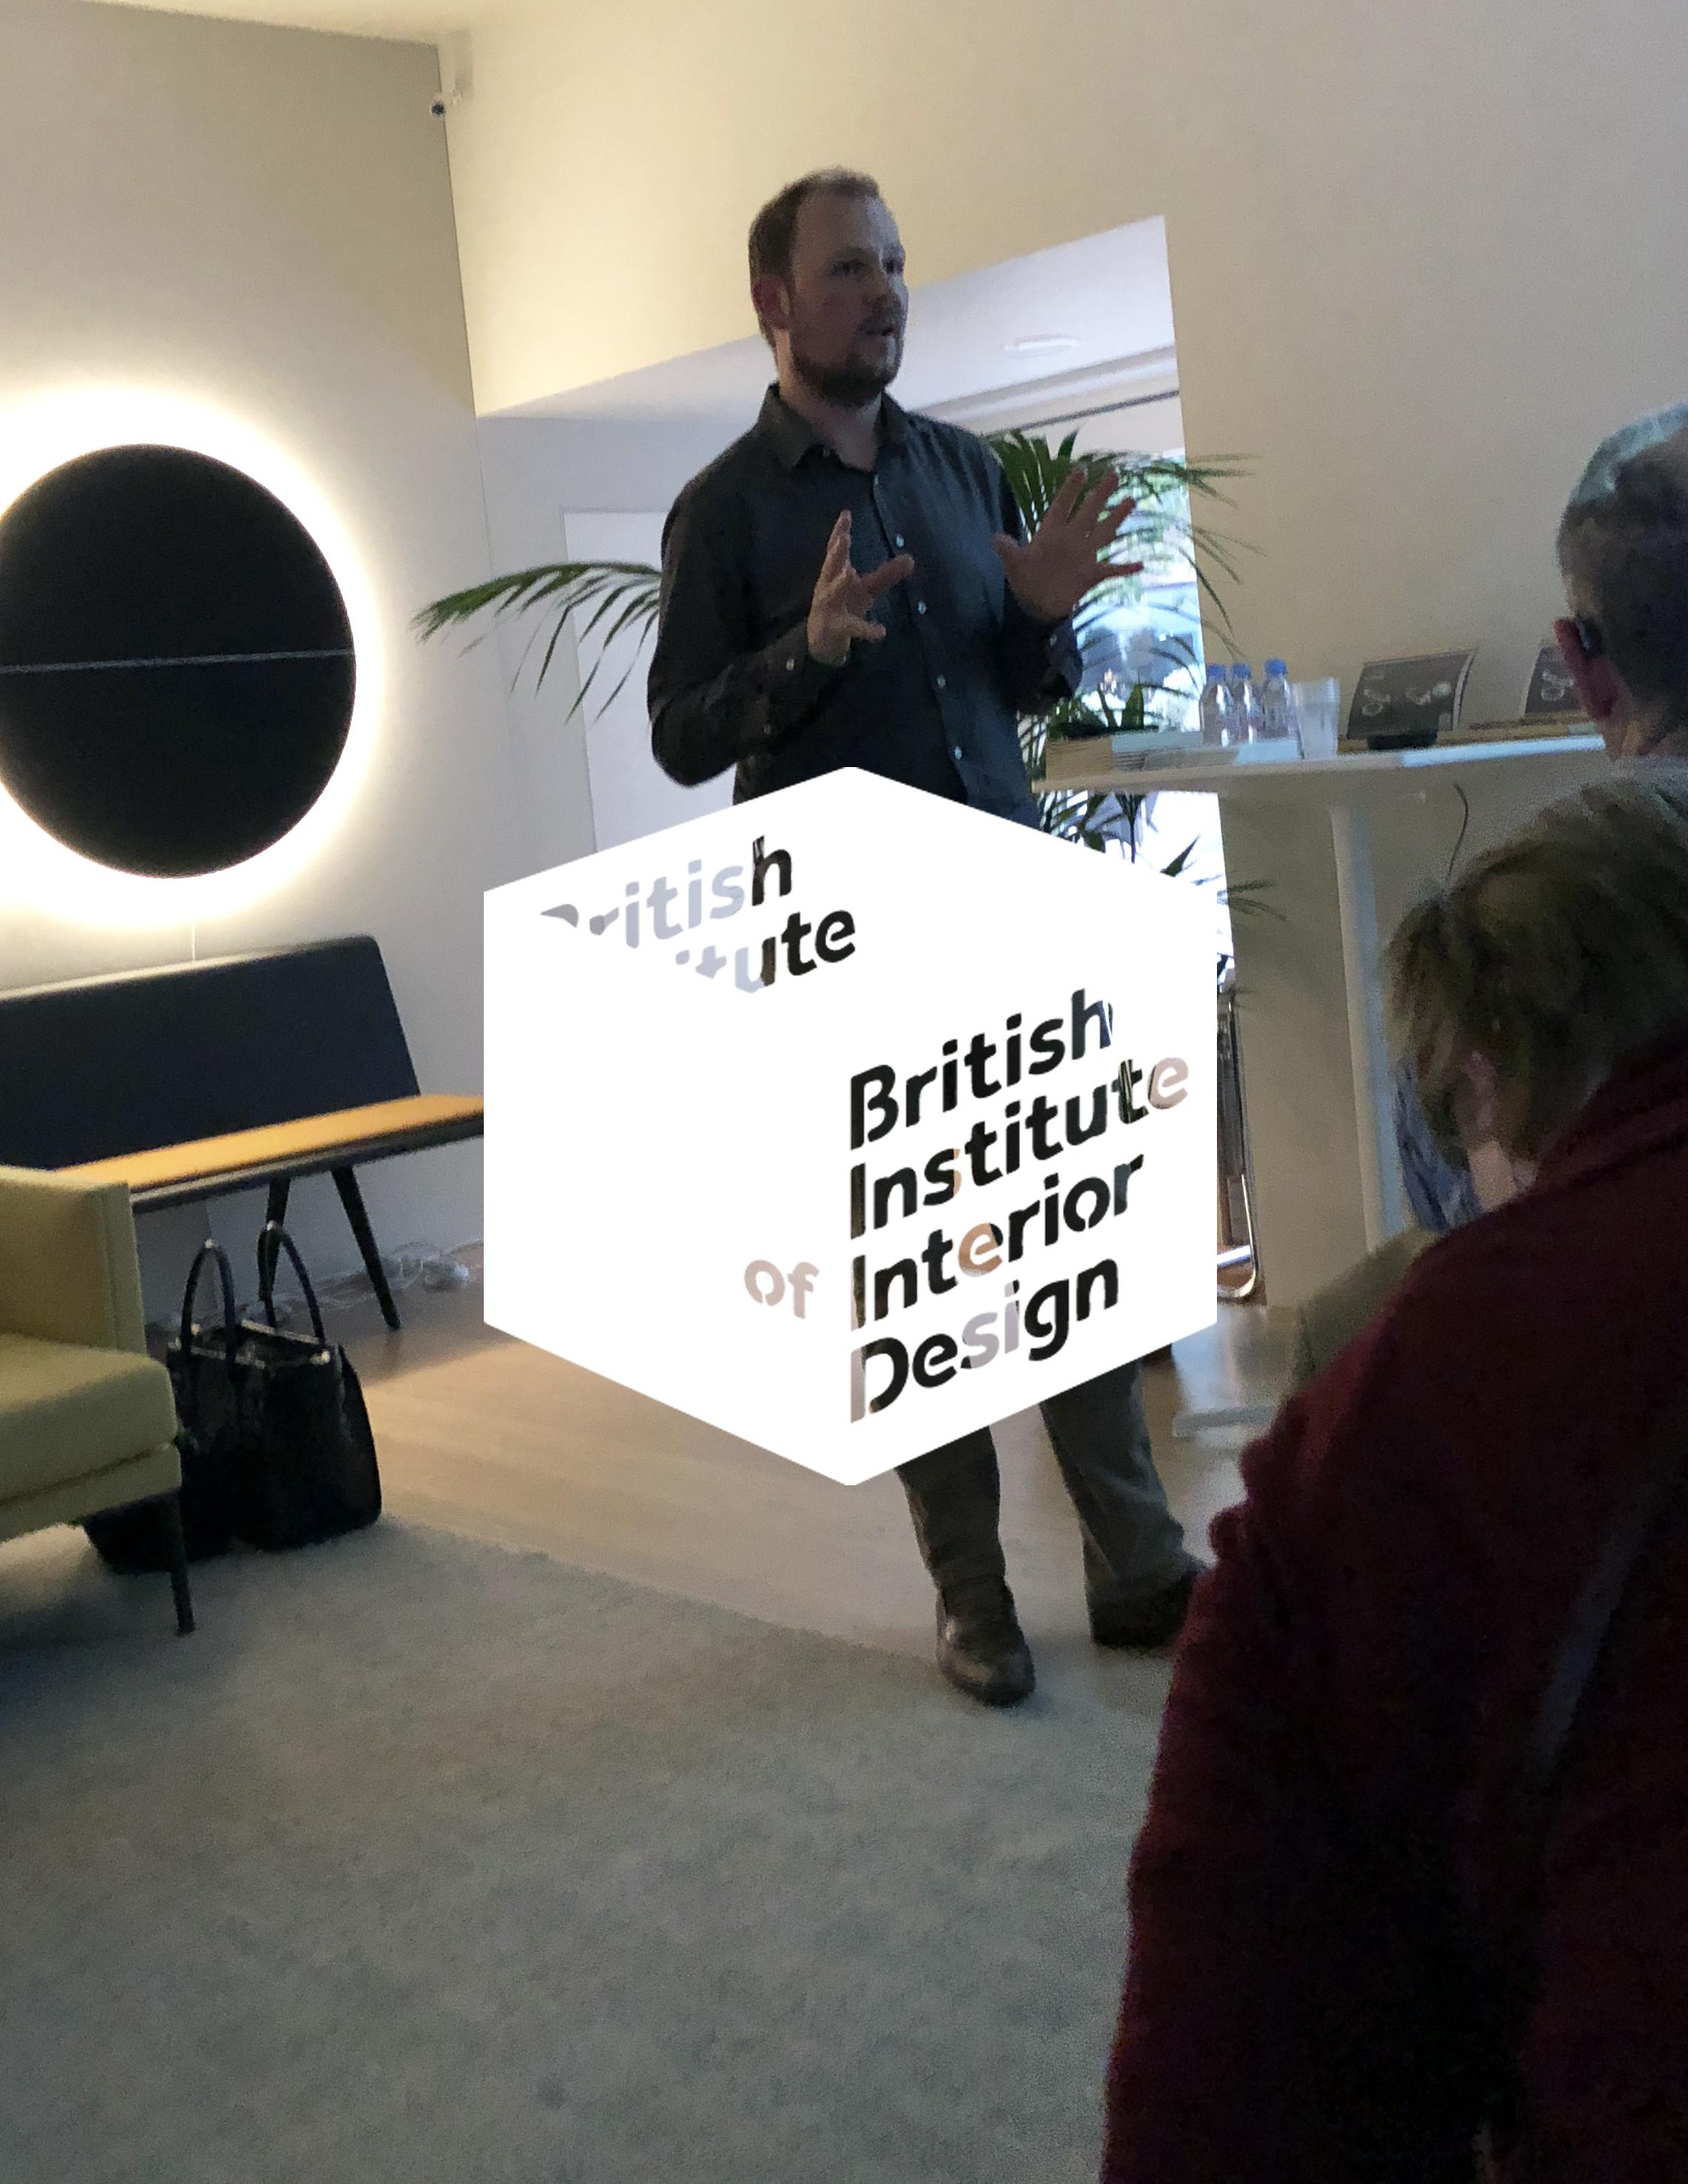 THE BRITISH INSTITUTE OF DESIGN PRESENTATION